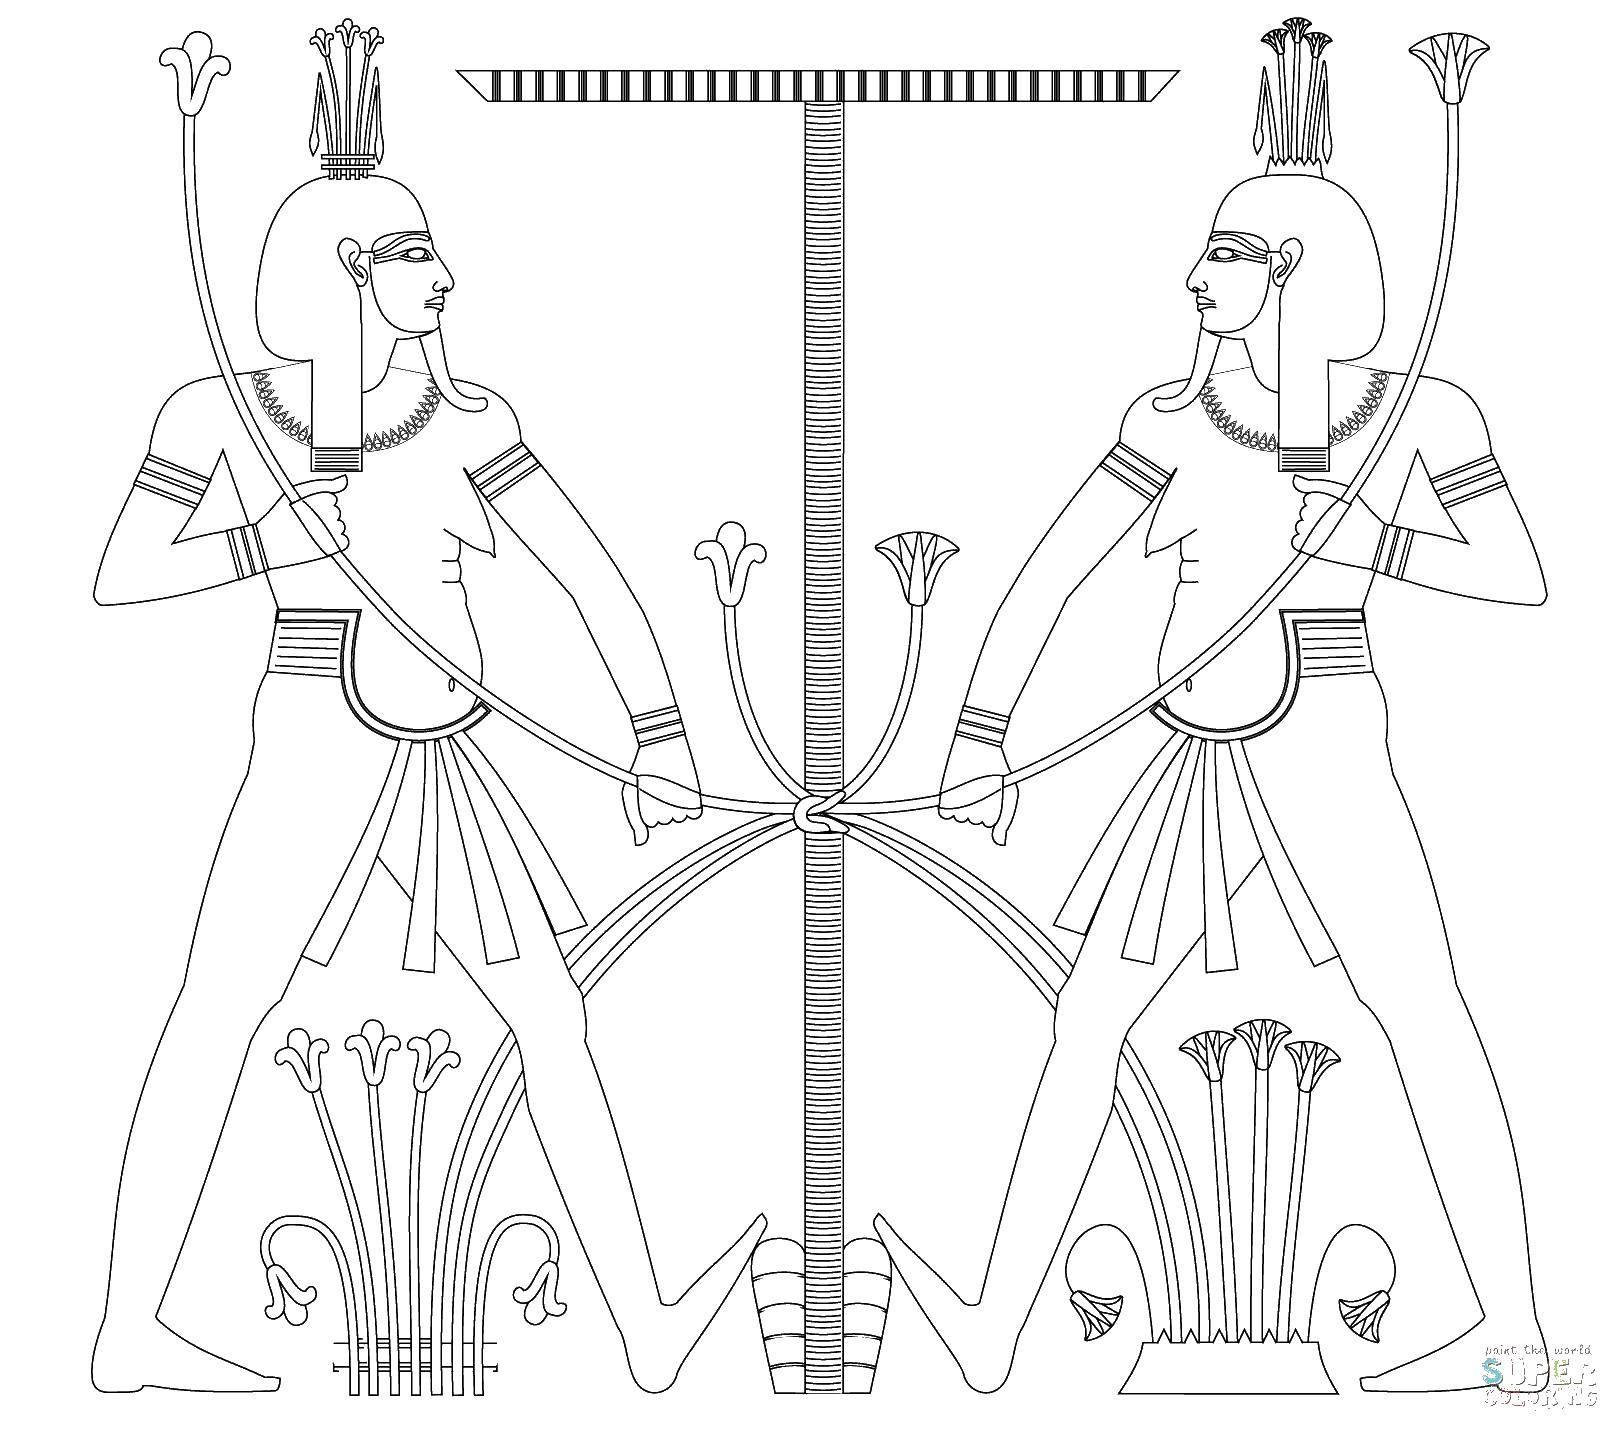 развода египетские мифы о богах картинки карандашом албуфейру, будет